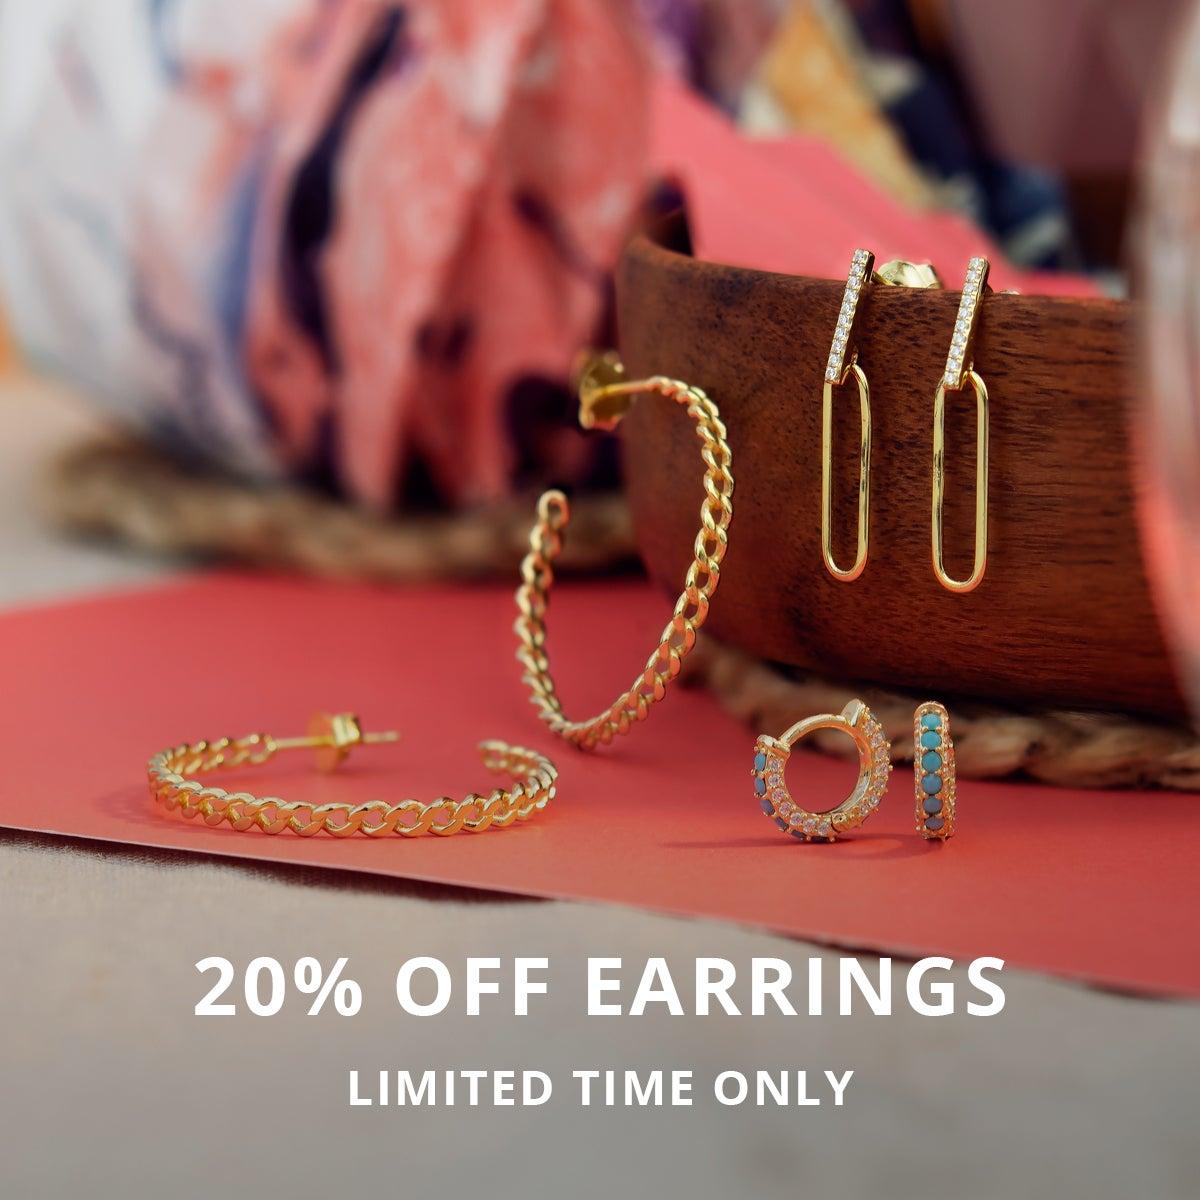 JG Earring Offer